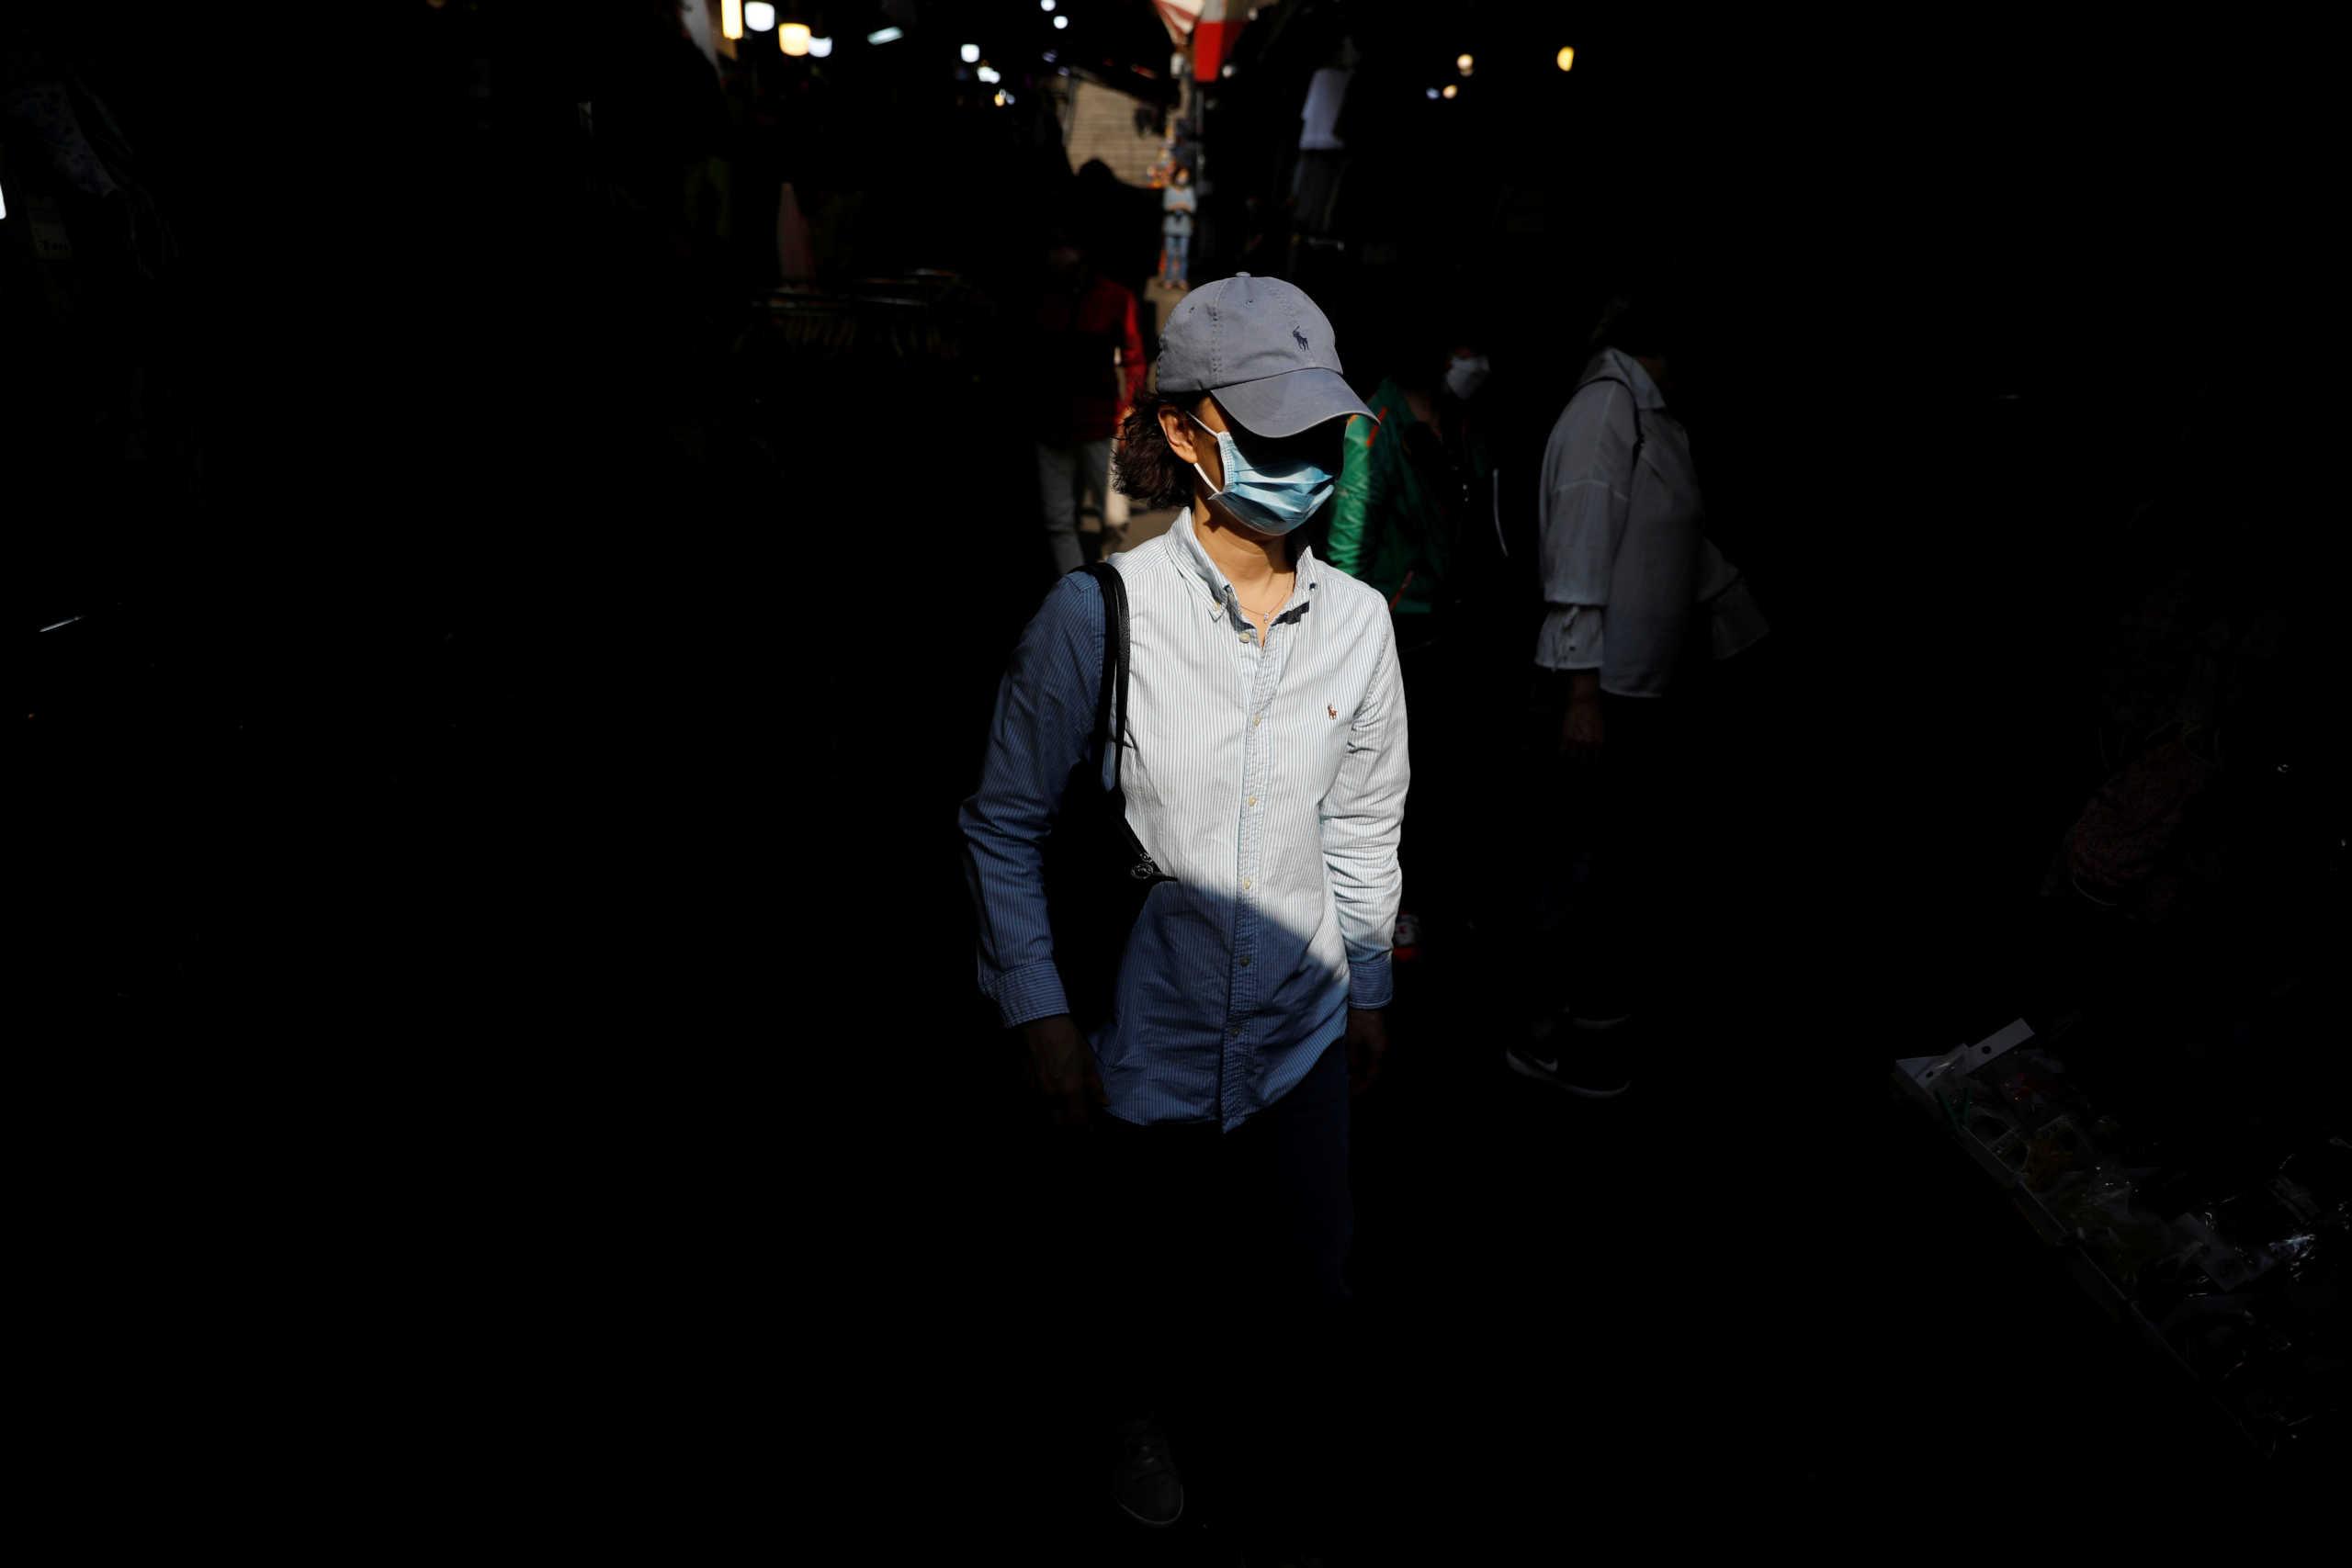 Βόρεια Κορέα: Το 40% του πληθυσμού χρήζει ανθρωπιστικής βοήθειας – Φόβοι για ελλείψεις ειδών διατροφής